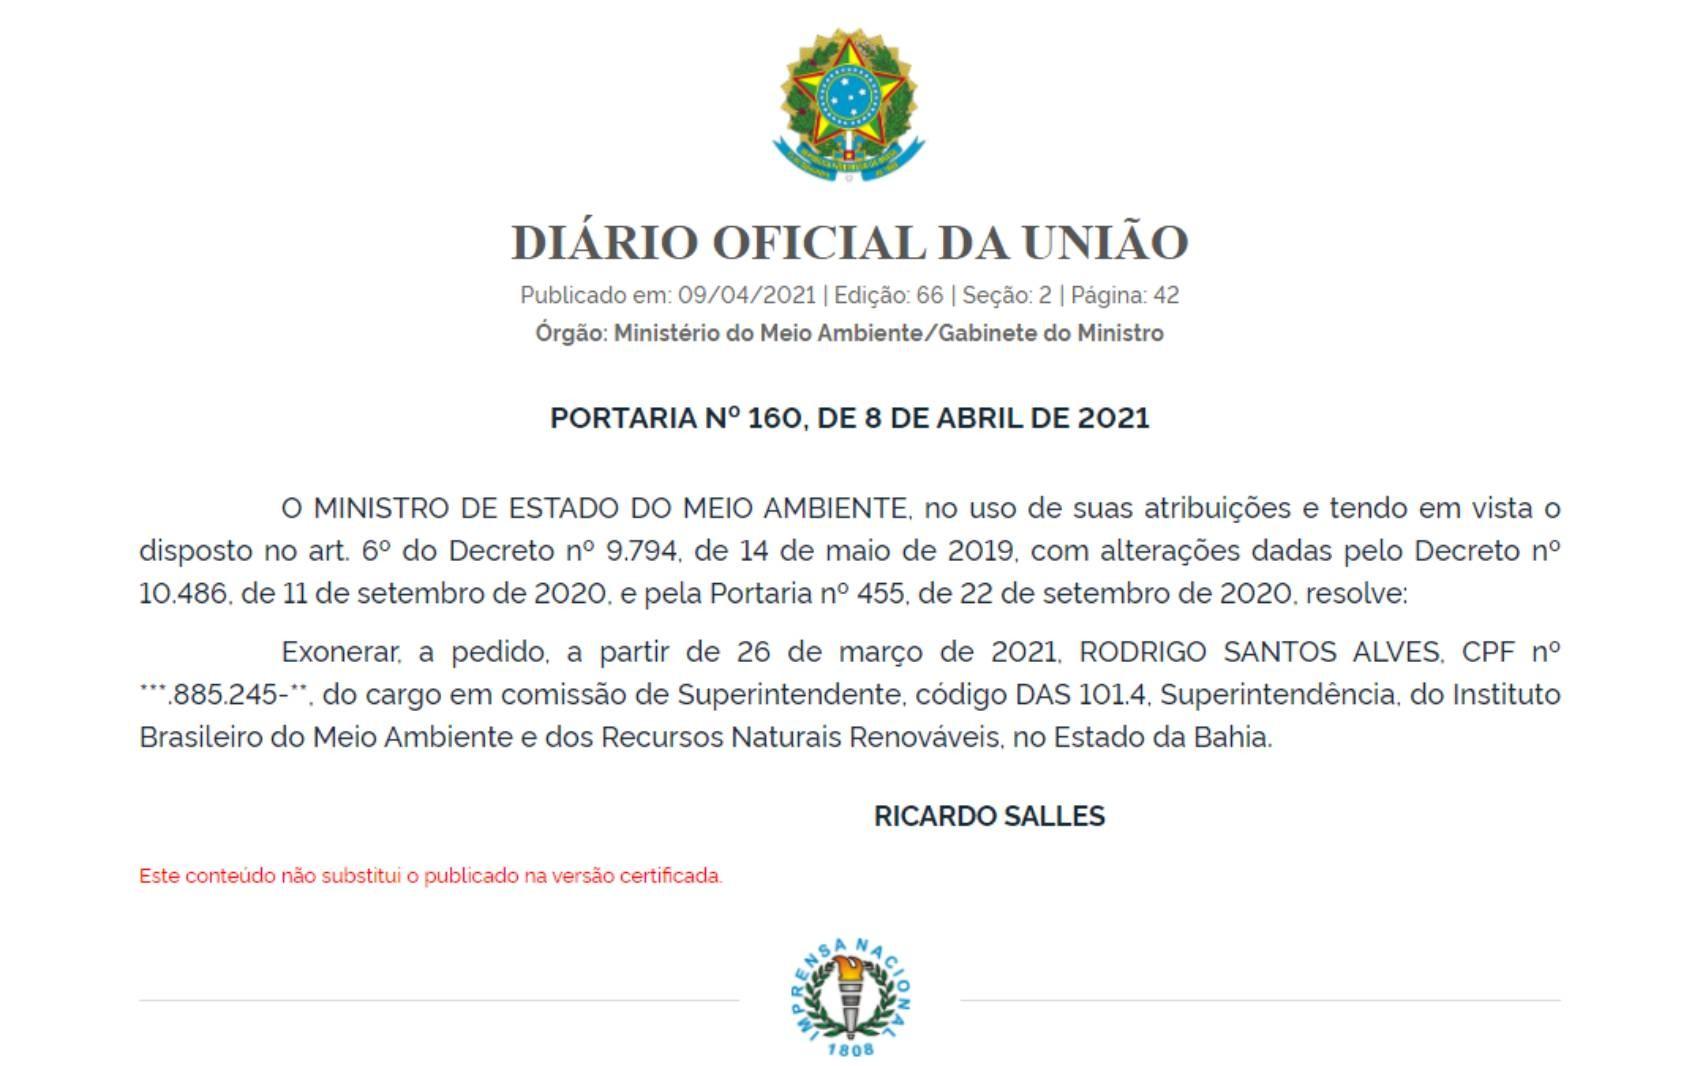 Ministério do Meio Ambiente publica exoneração de chefias do Ibama na Bahia, Amazonas, Tocantins e Paraíba